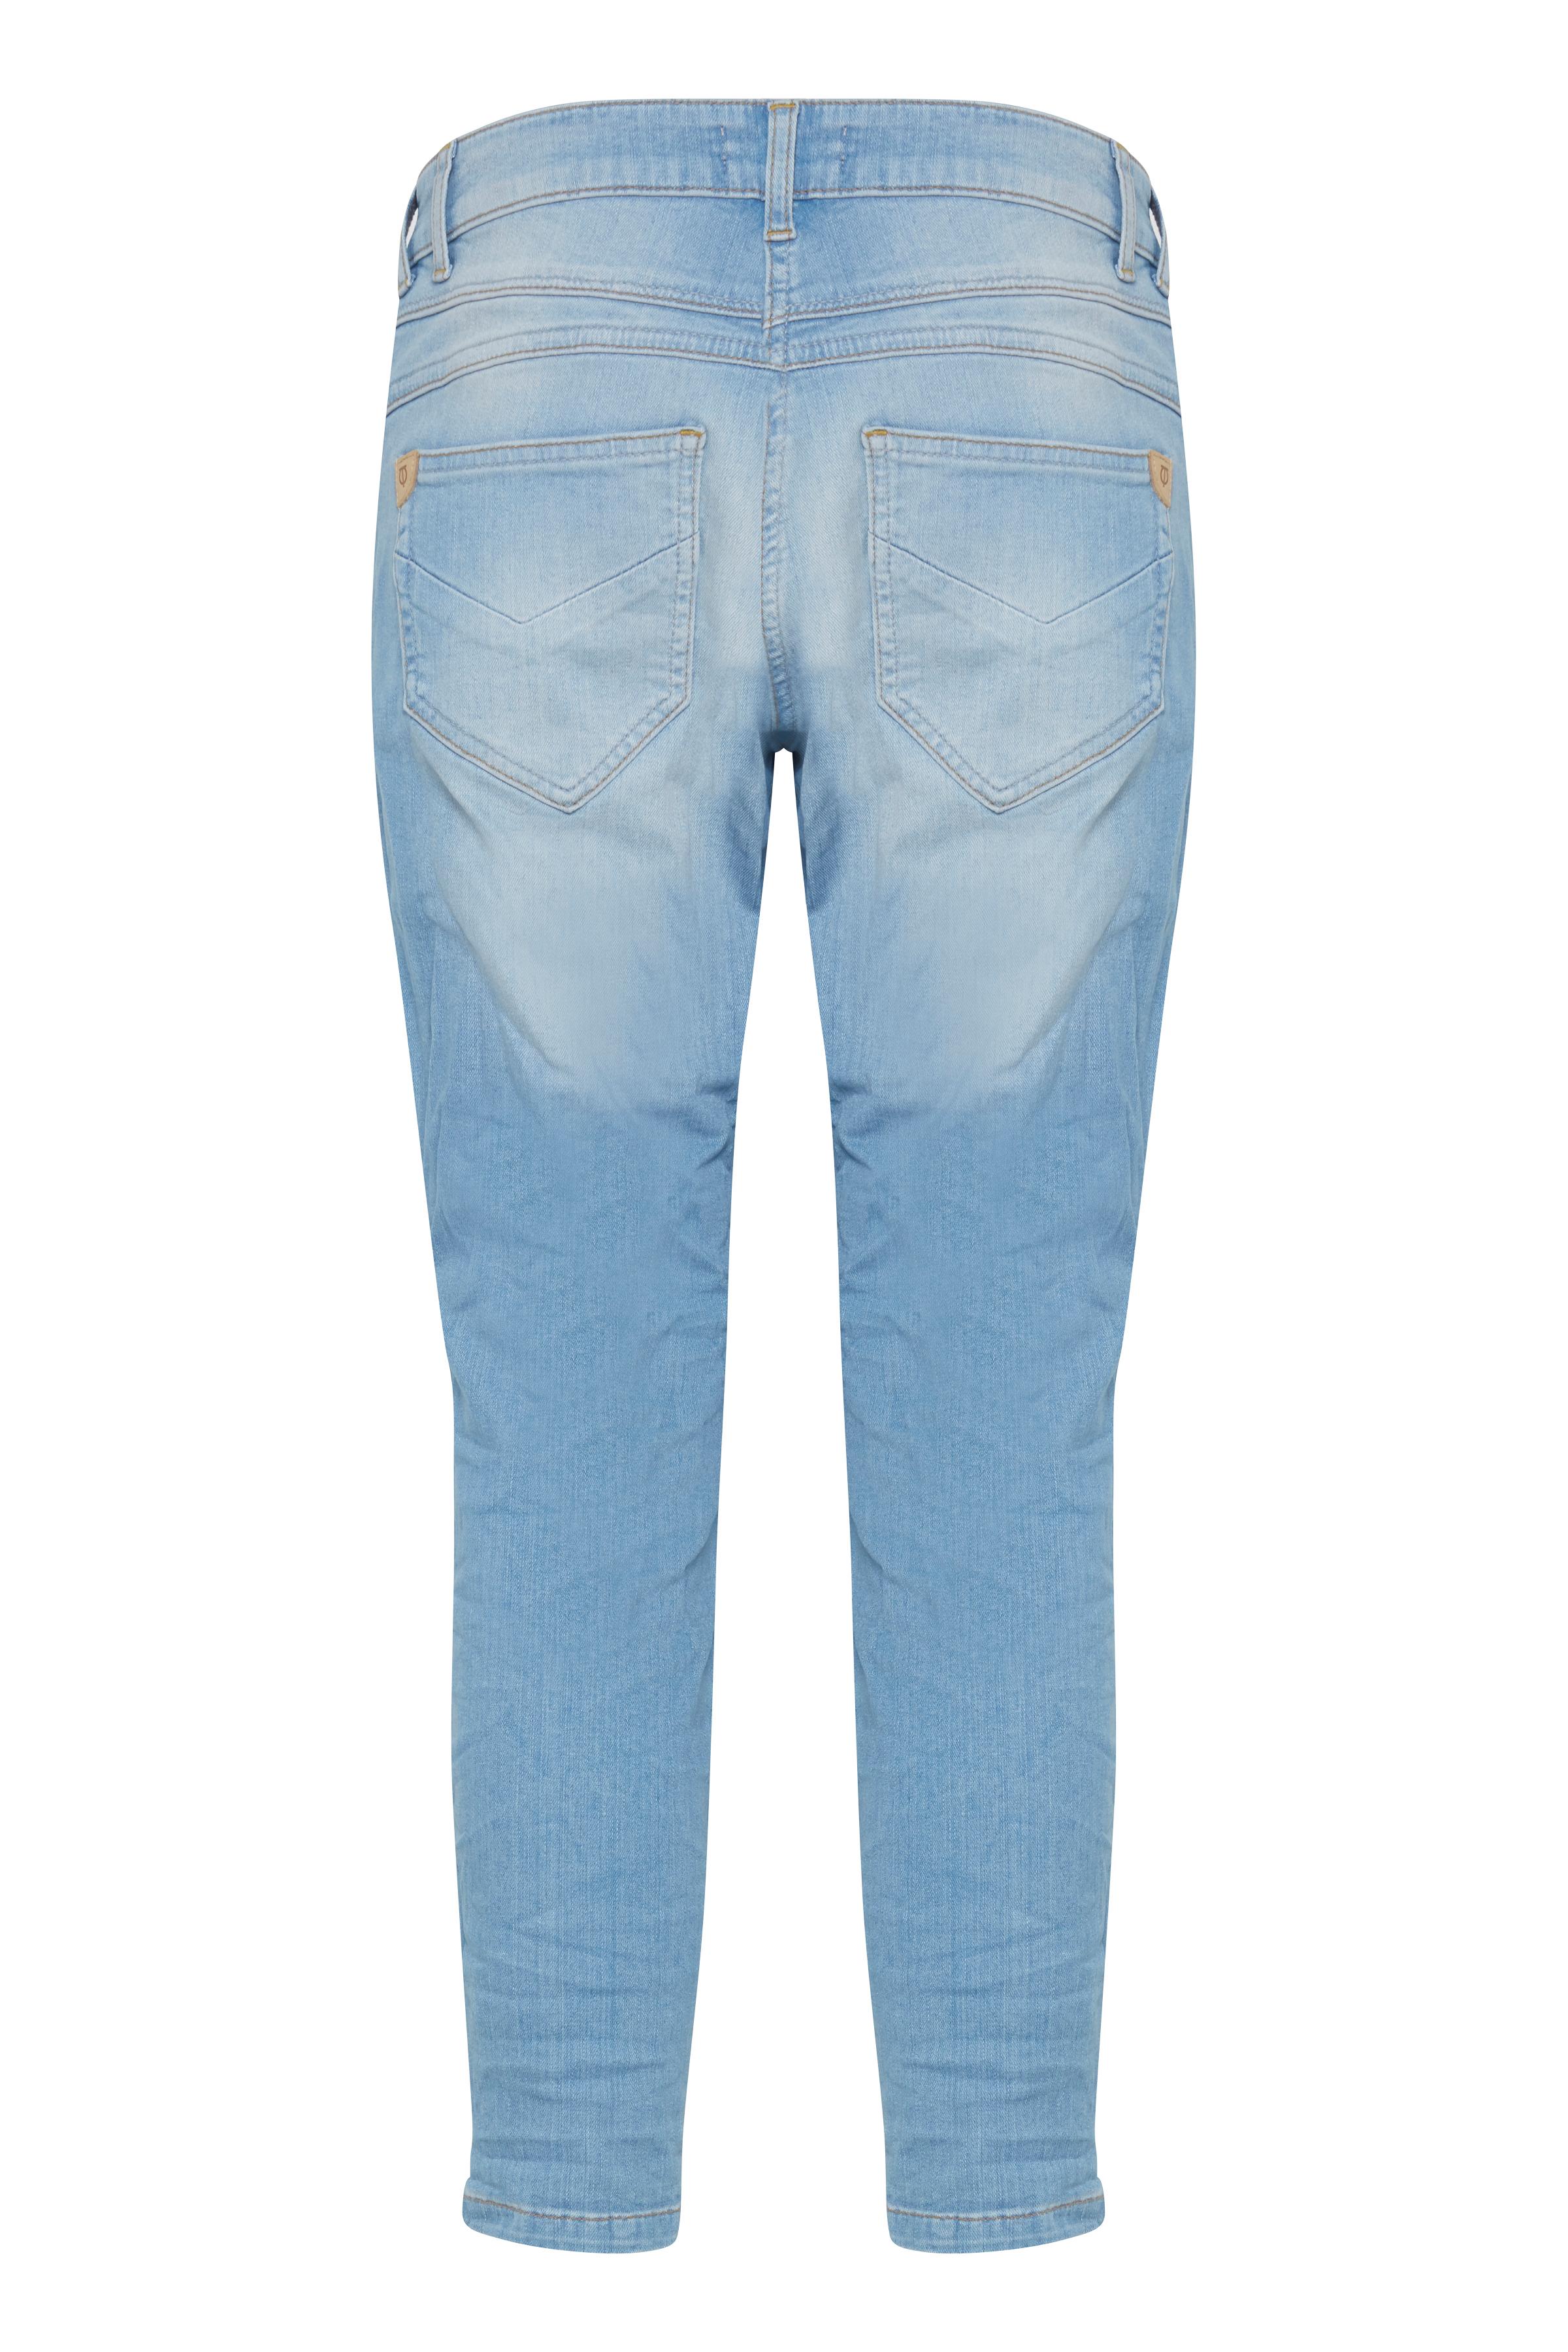 Light Blue Denim Jeans – Køb Light Blue Denim Jeans fra str. 25-34 her